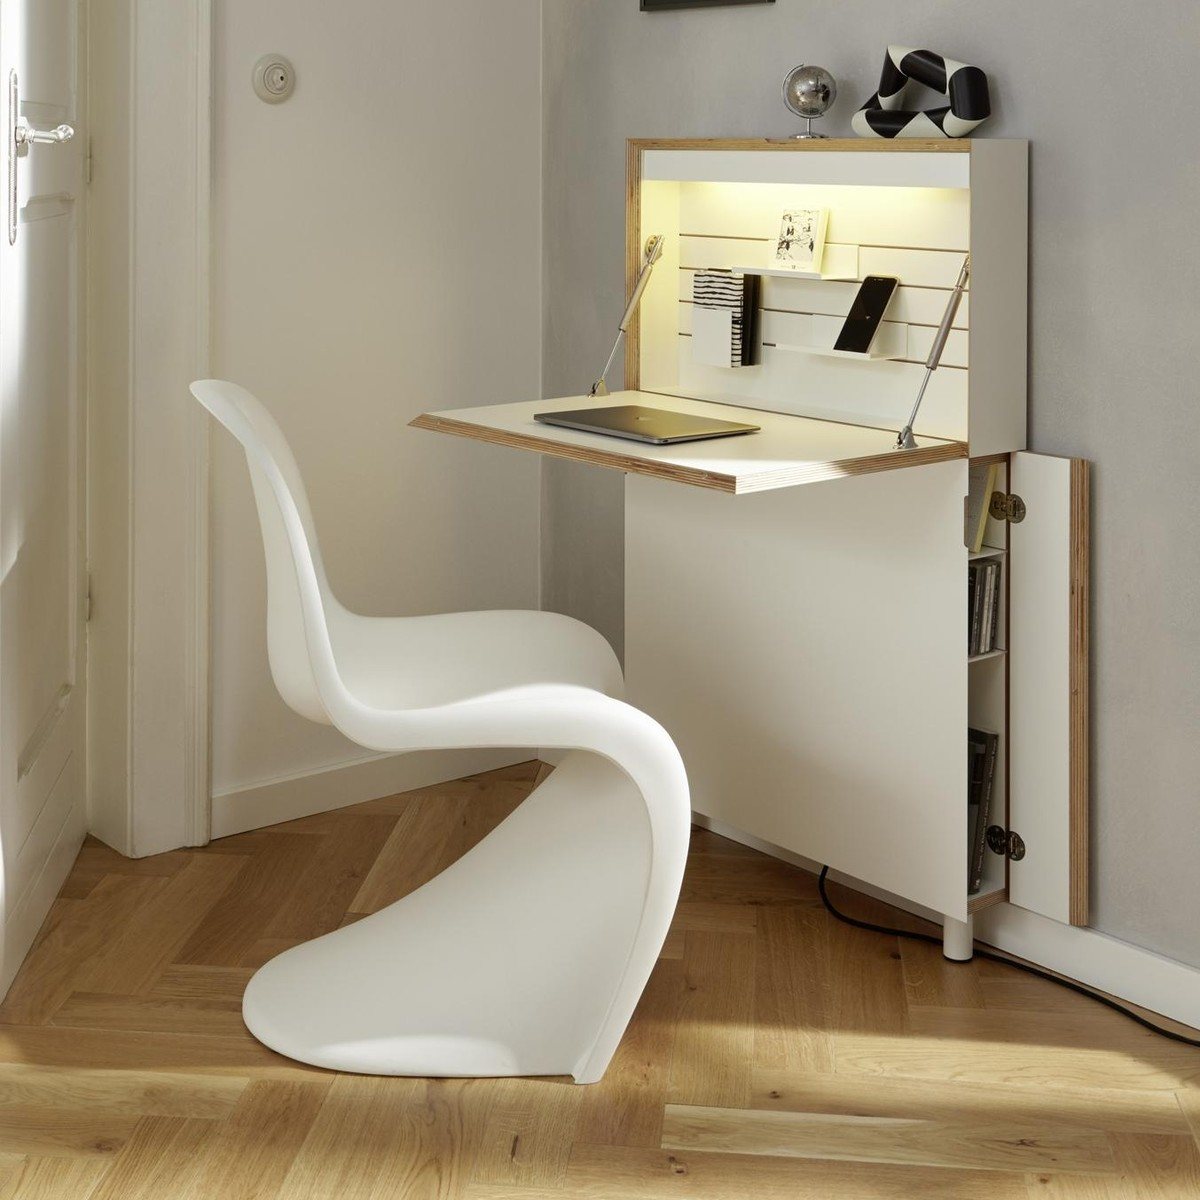 flatmate secr taire bureau scriban m ller. Black Bedroom Furniture Sets. Home Design Ideas